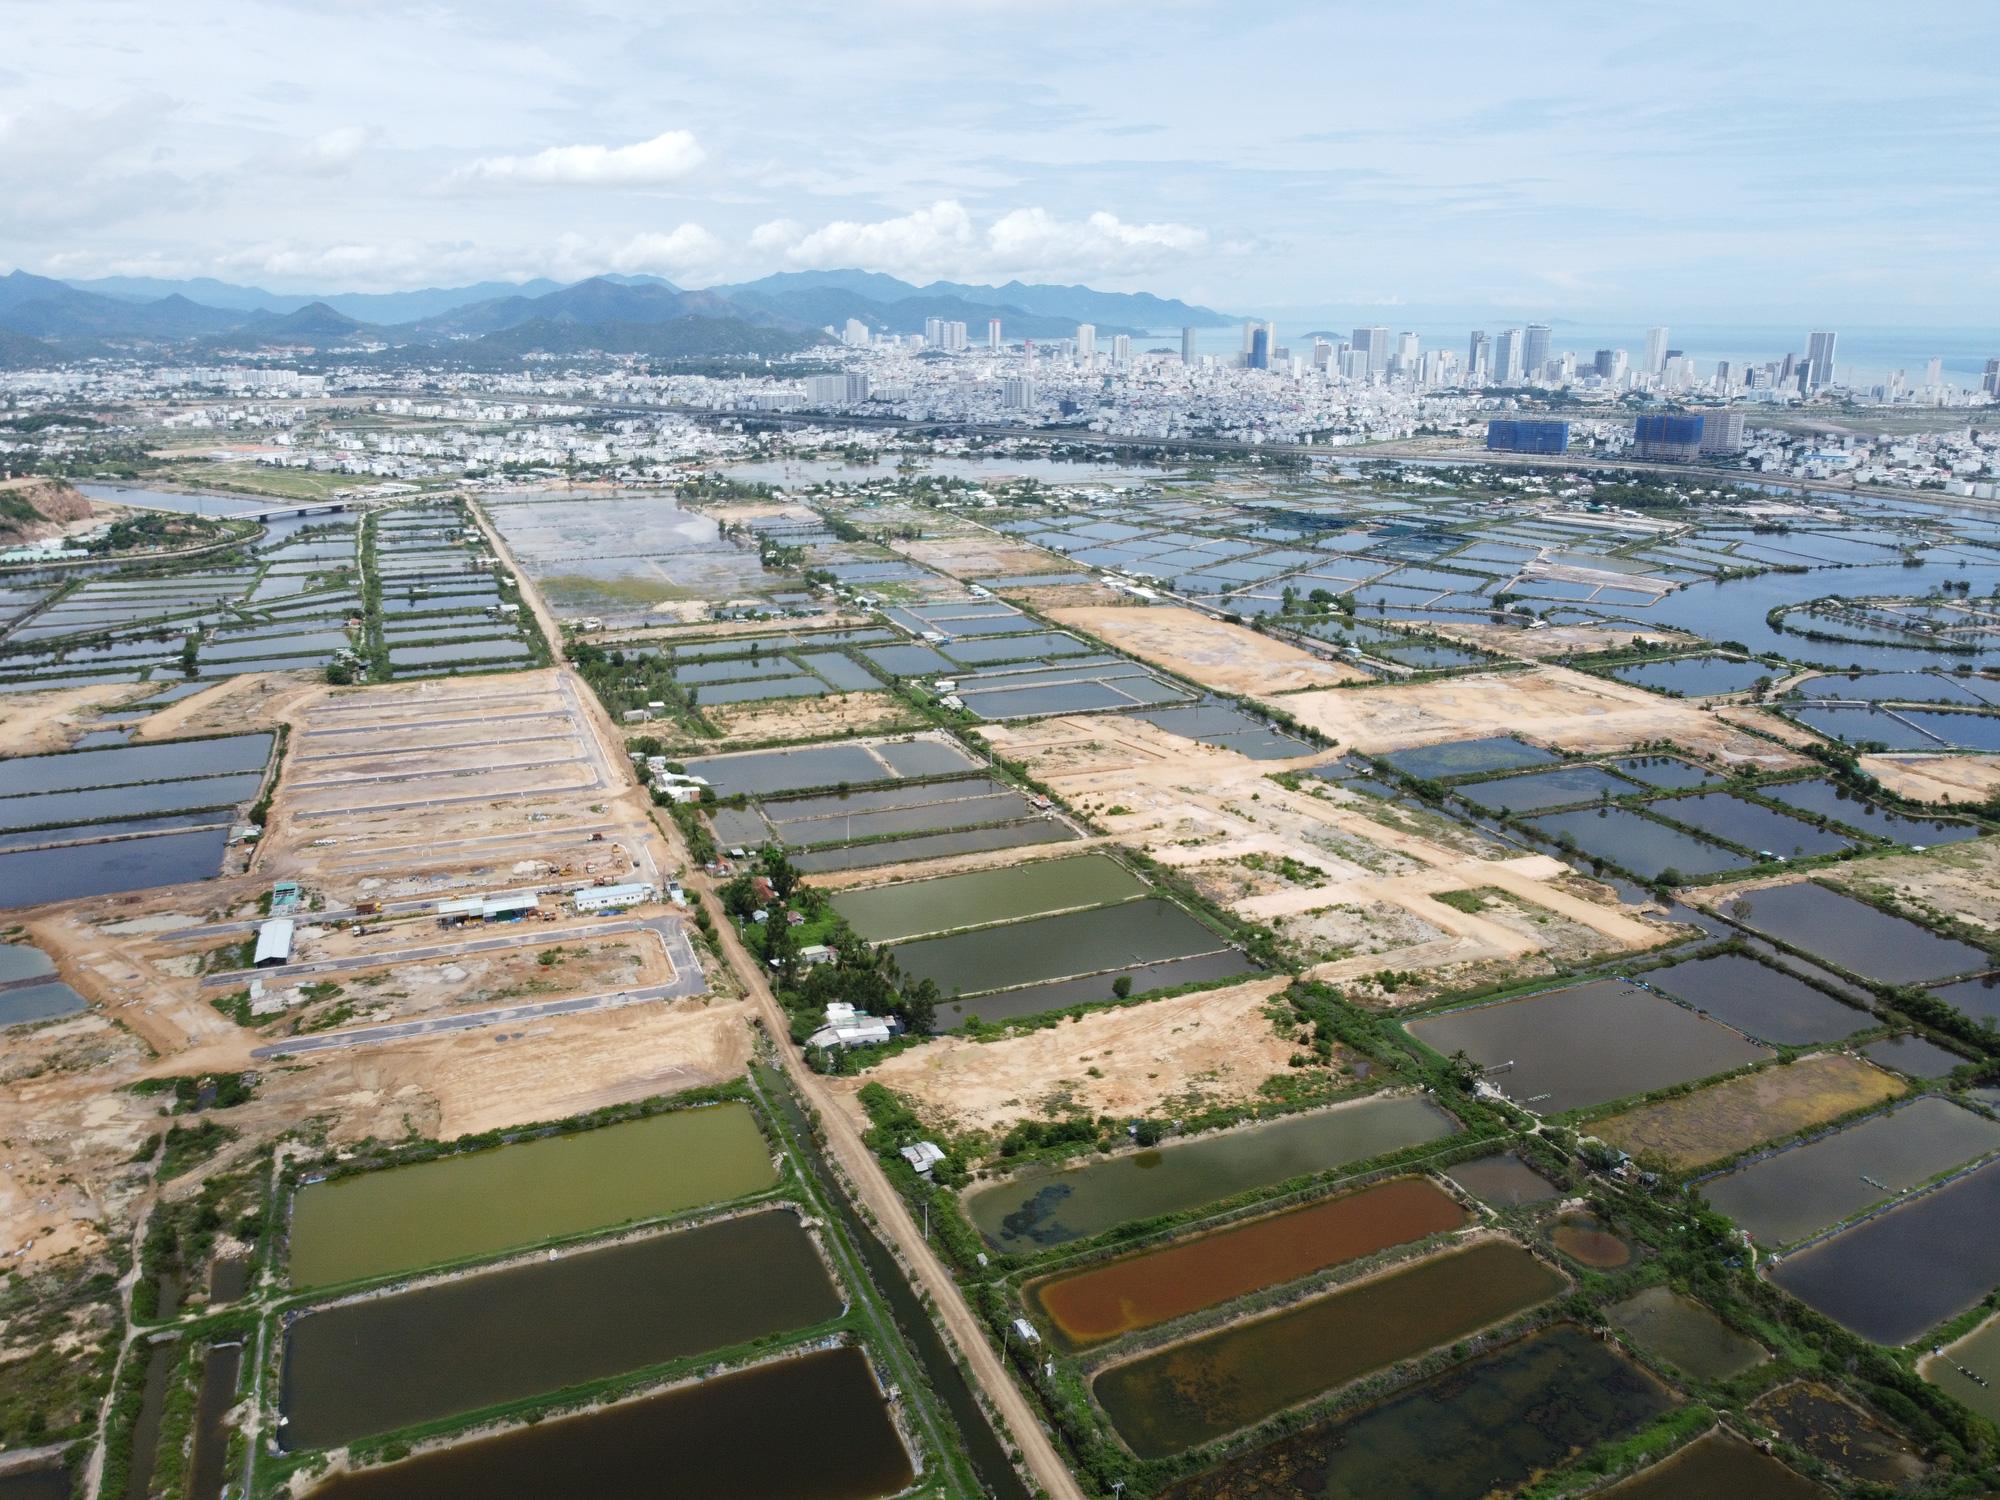 Nha Trang mở rộng về phía Tây loạt dự án hưởng lợi  - Ảnh 3.